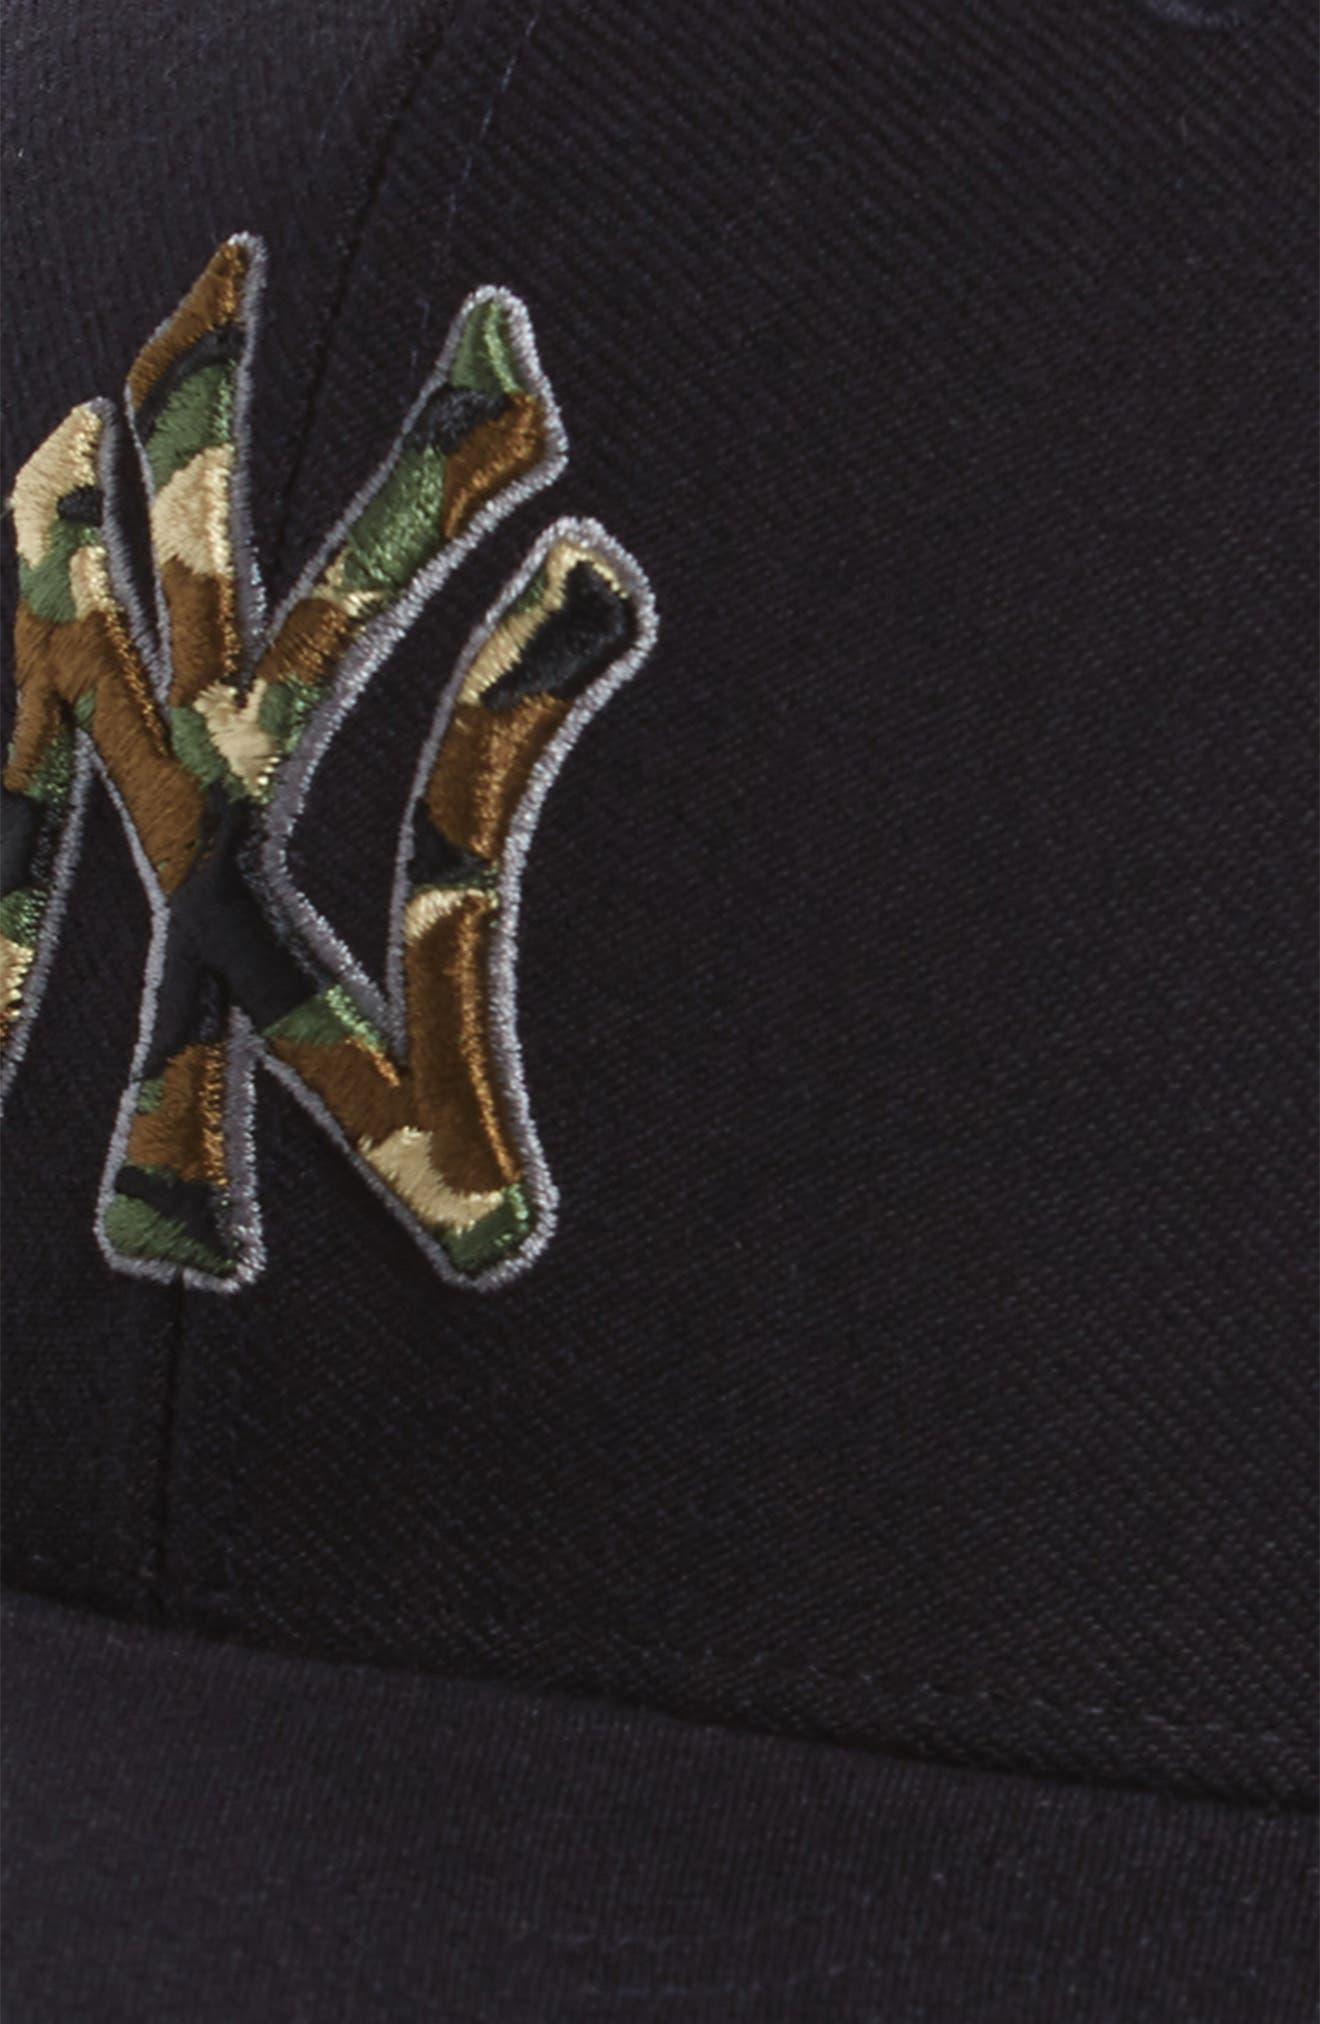 Camfill New York Yankees Baseball Cap,                             Alternate thumbnail 3, color,                             400